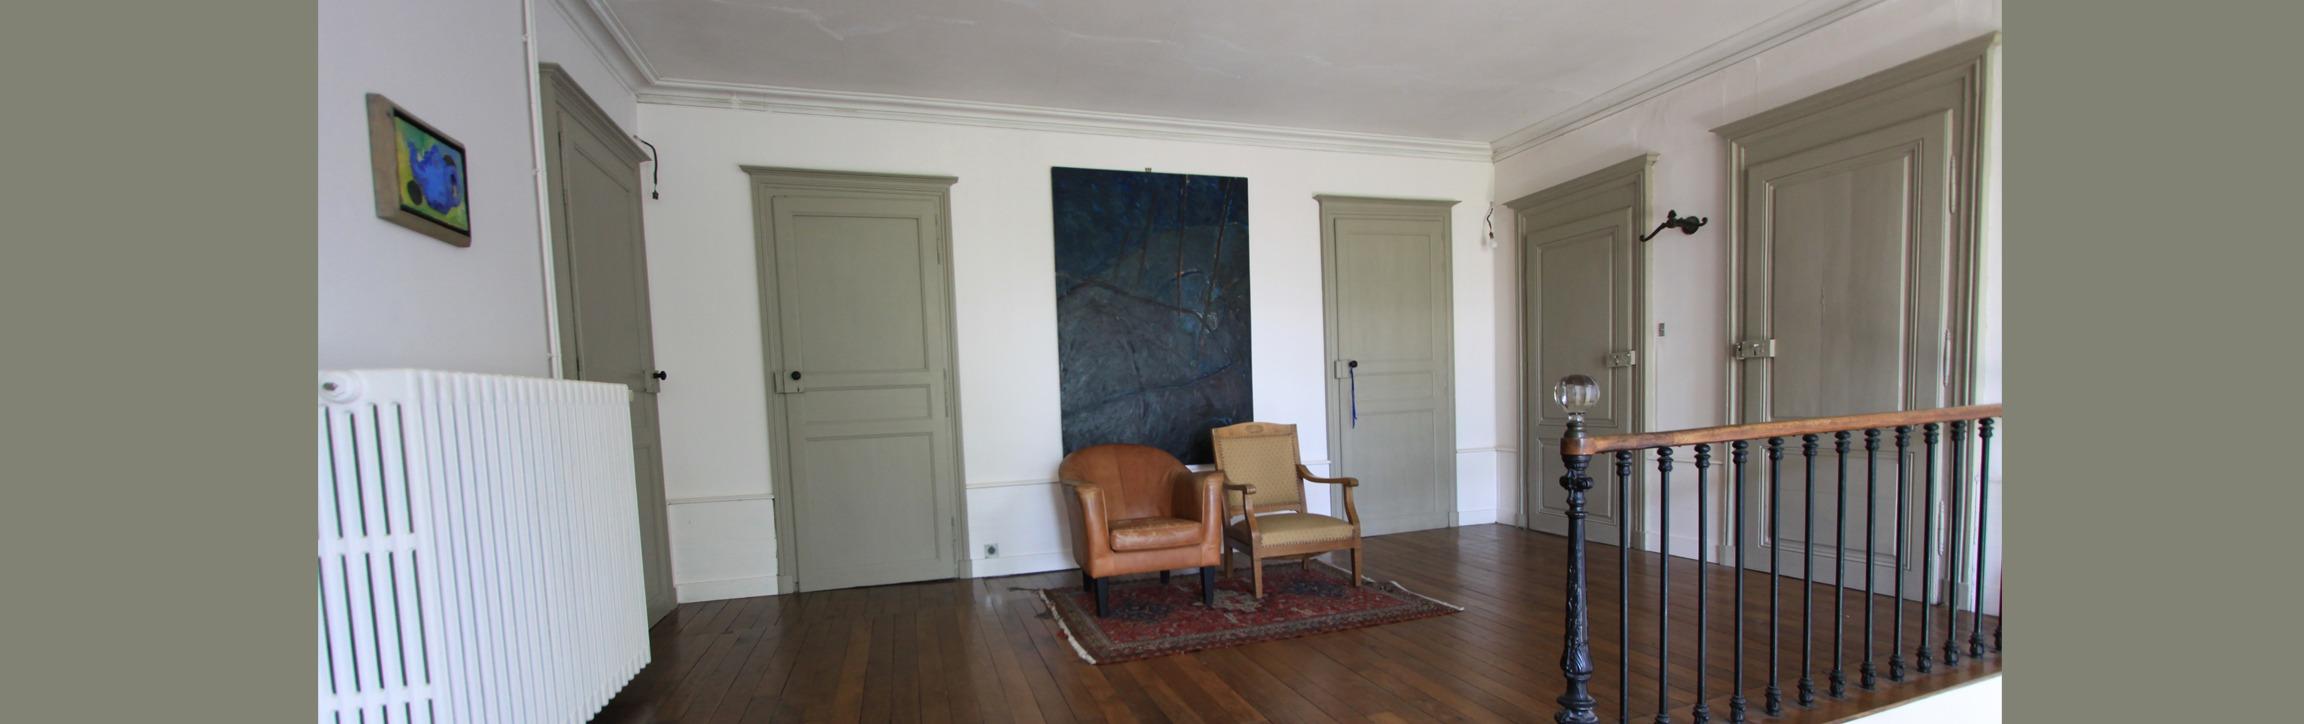 overloop met kamer deuren